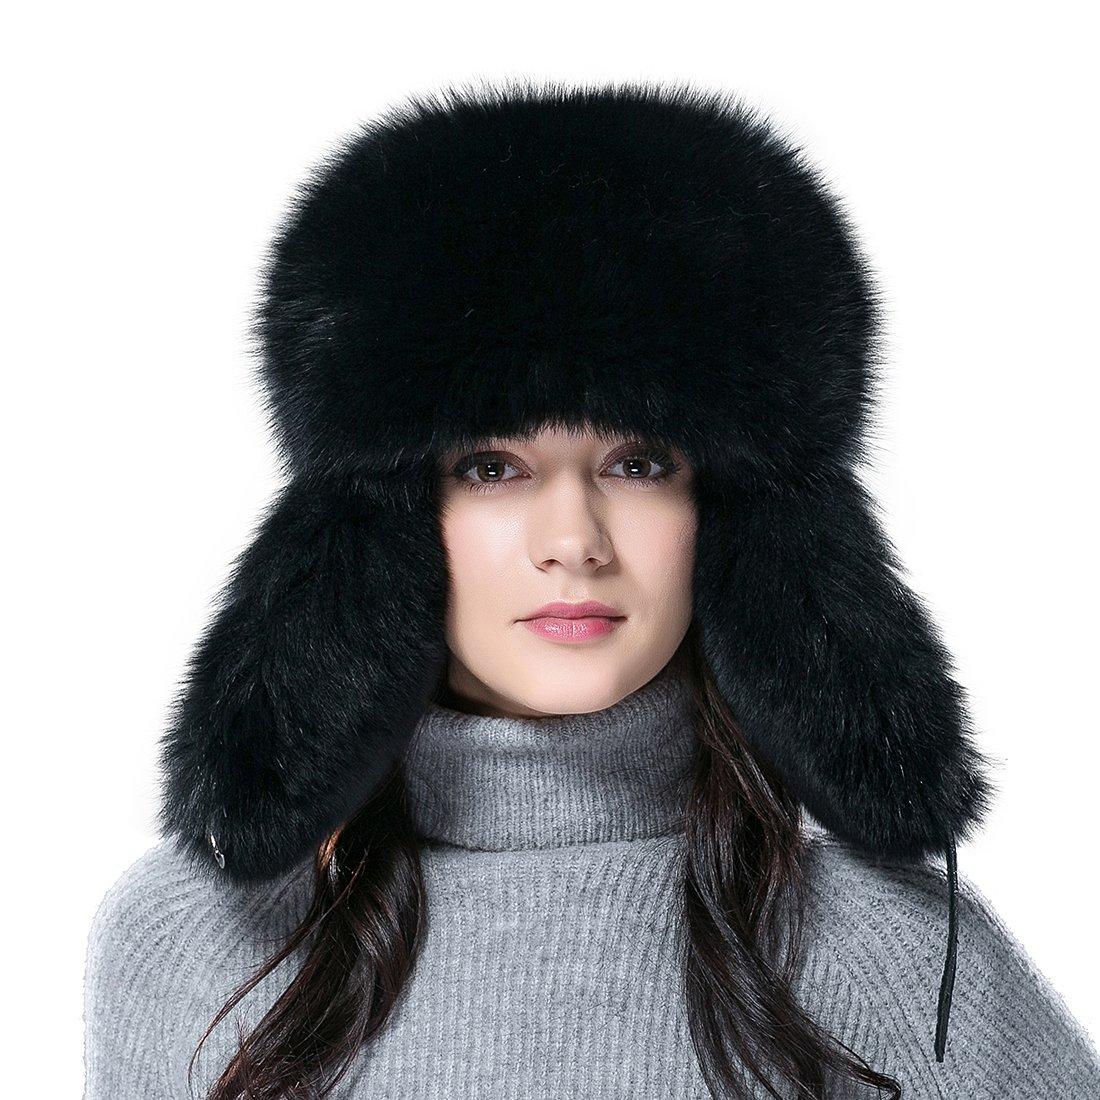 URSFURレディースフォックス&アライグマファートラッパーハットRussian Ushanka Cap with Ear Flap S(53-55cm) ブラック B0157TK3QO